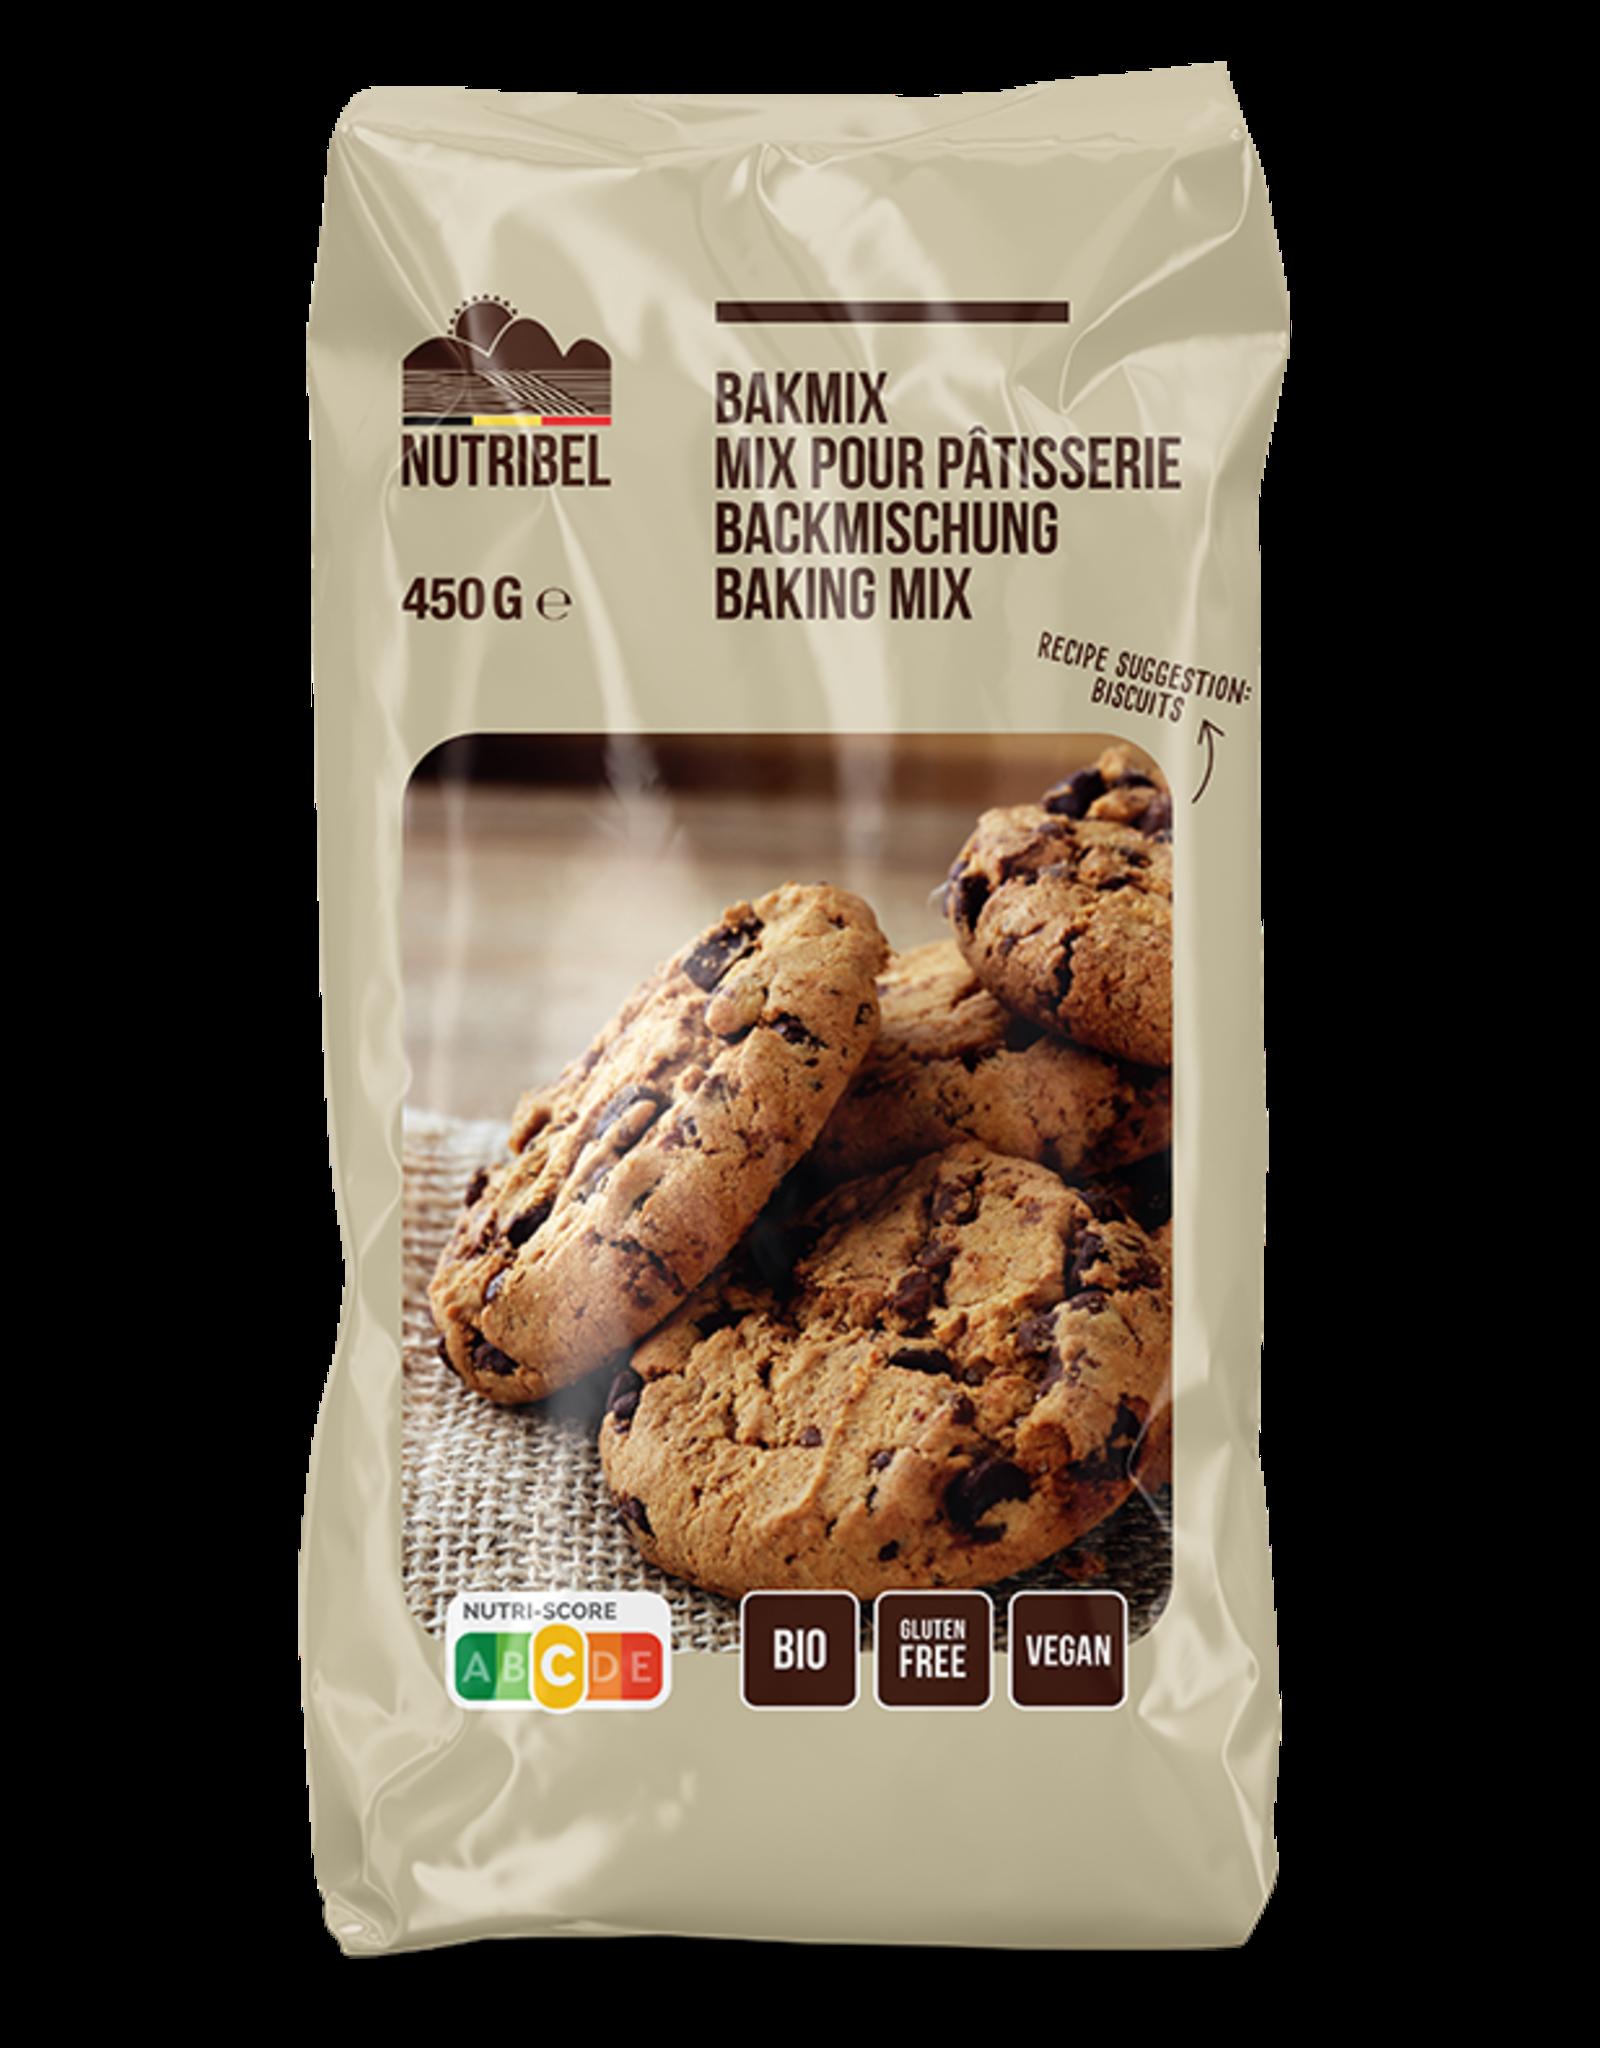 Nutribel Bakmix universeel bio & glutenvrij 450g